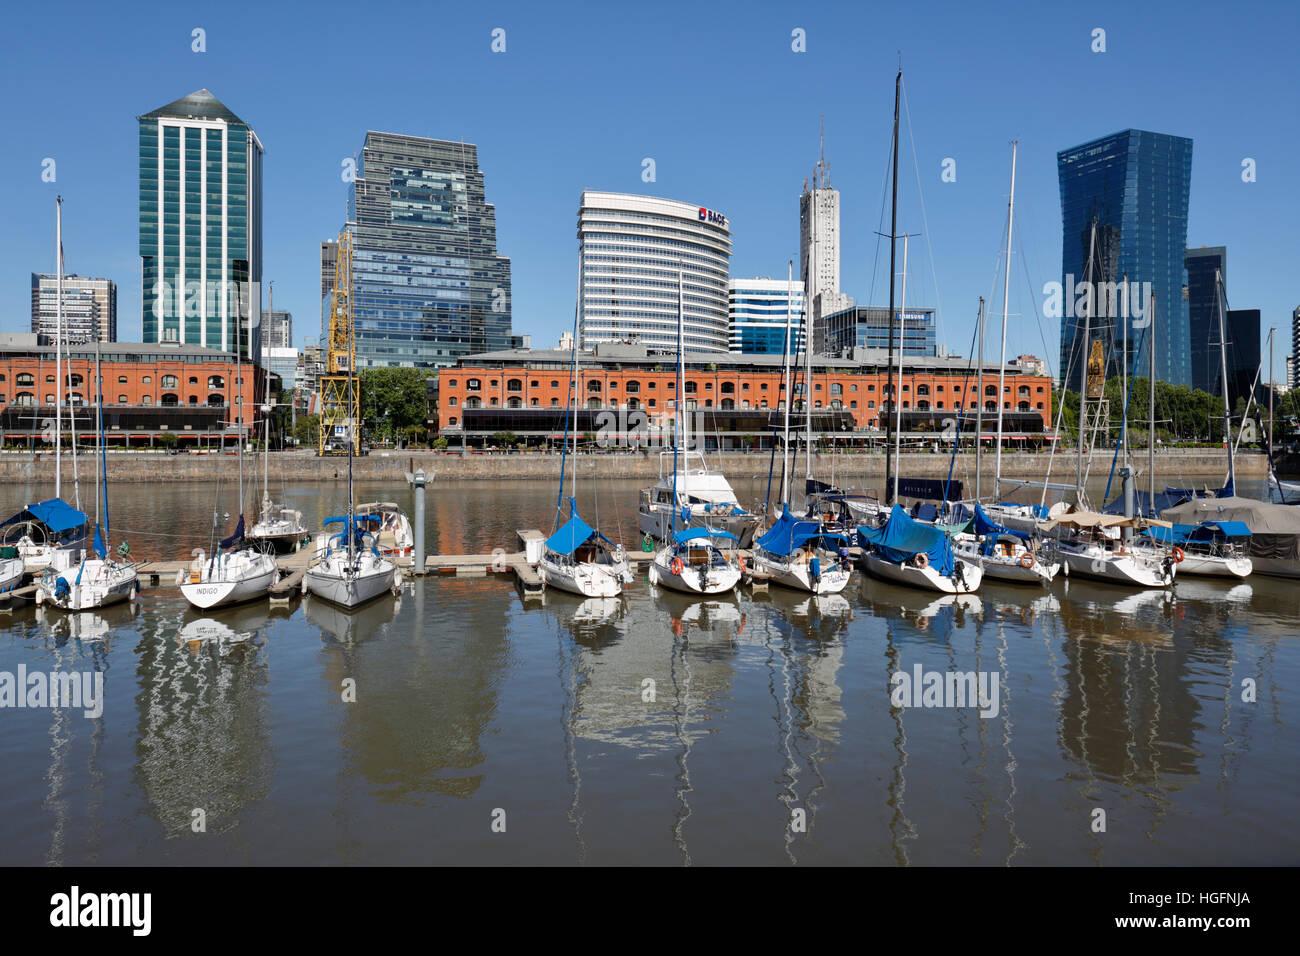 Los antiguos almacenes y edificios de oficinas de la marina de Puerto Madero, San Telmo, Buenos Aires, Argentina, Imagen De Stock